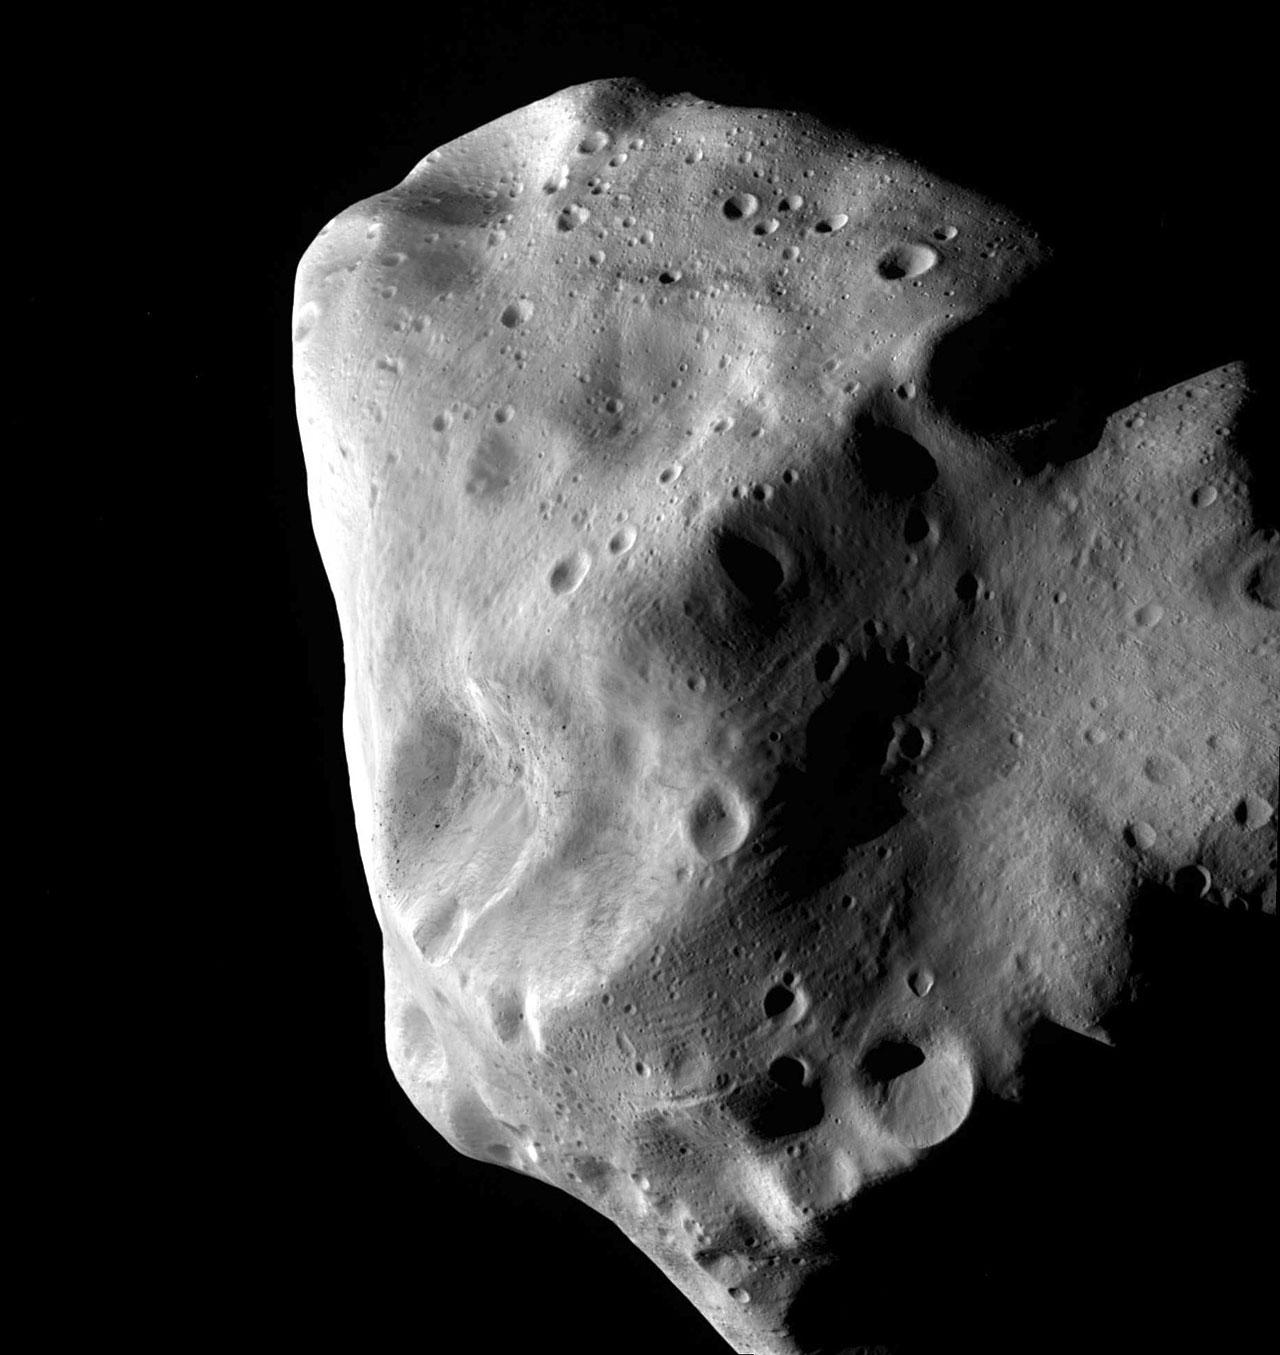 Asteroid Lutetia From Rosetta Spacecraft